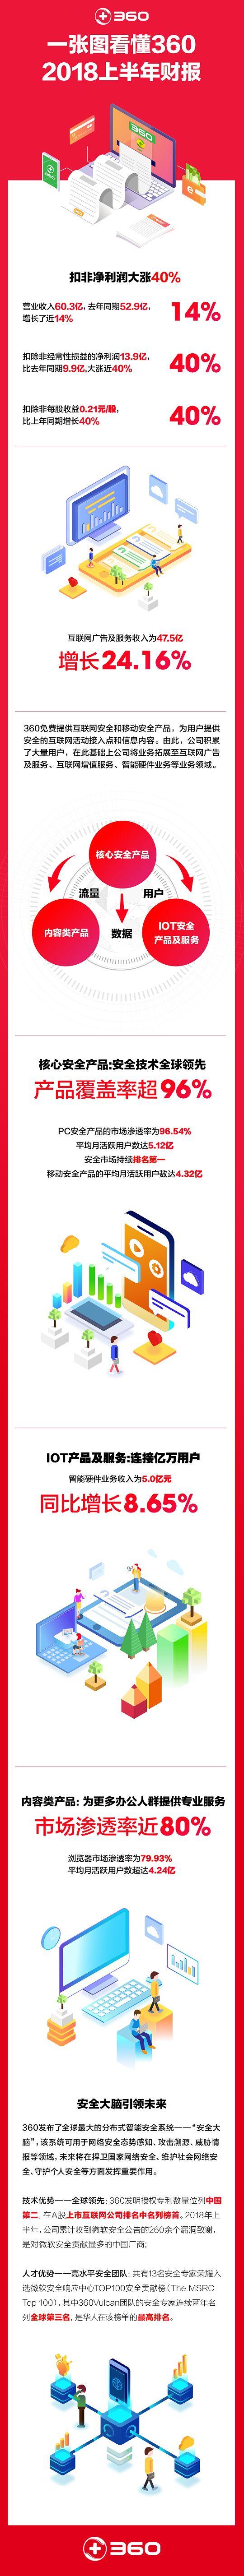 360发布2018上半年财报,IOT智能硬件连接亿万用户